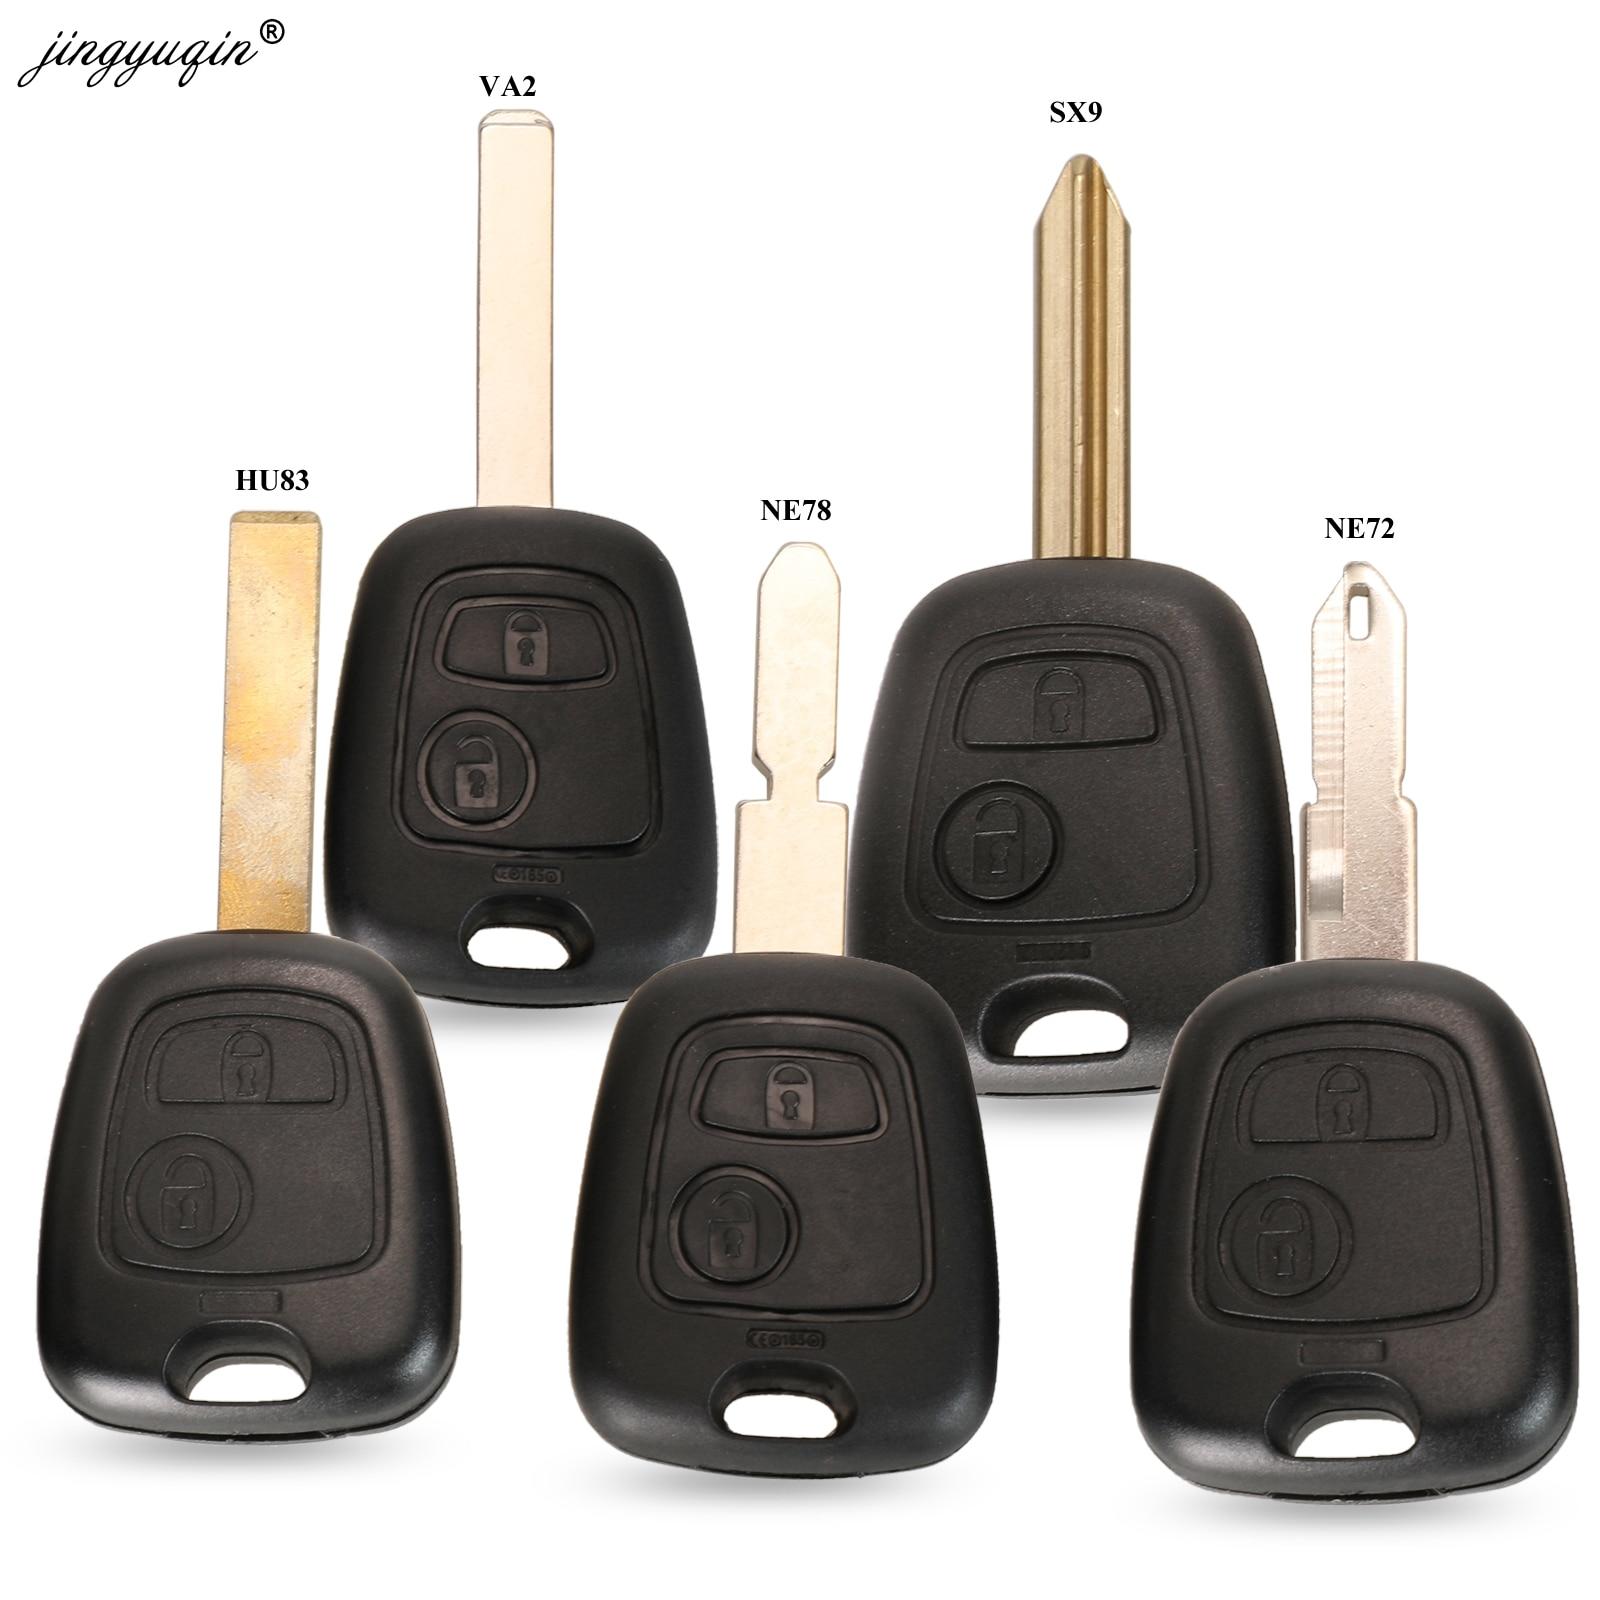 Jingyuqin 2 кнопки дистанционного ключа автомобиля случае оболочки Fob для Citroen C1 C4 XSARA Picasso Fit Peugeot 106 107 207 307 407 206 306 406